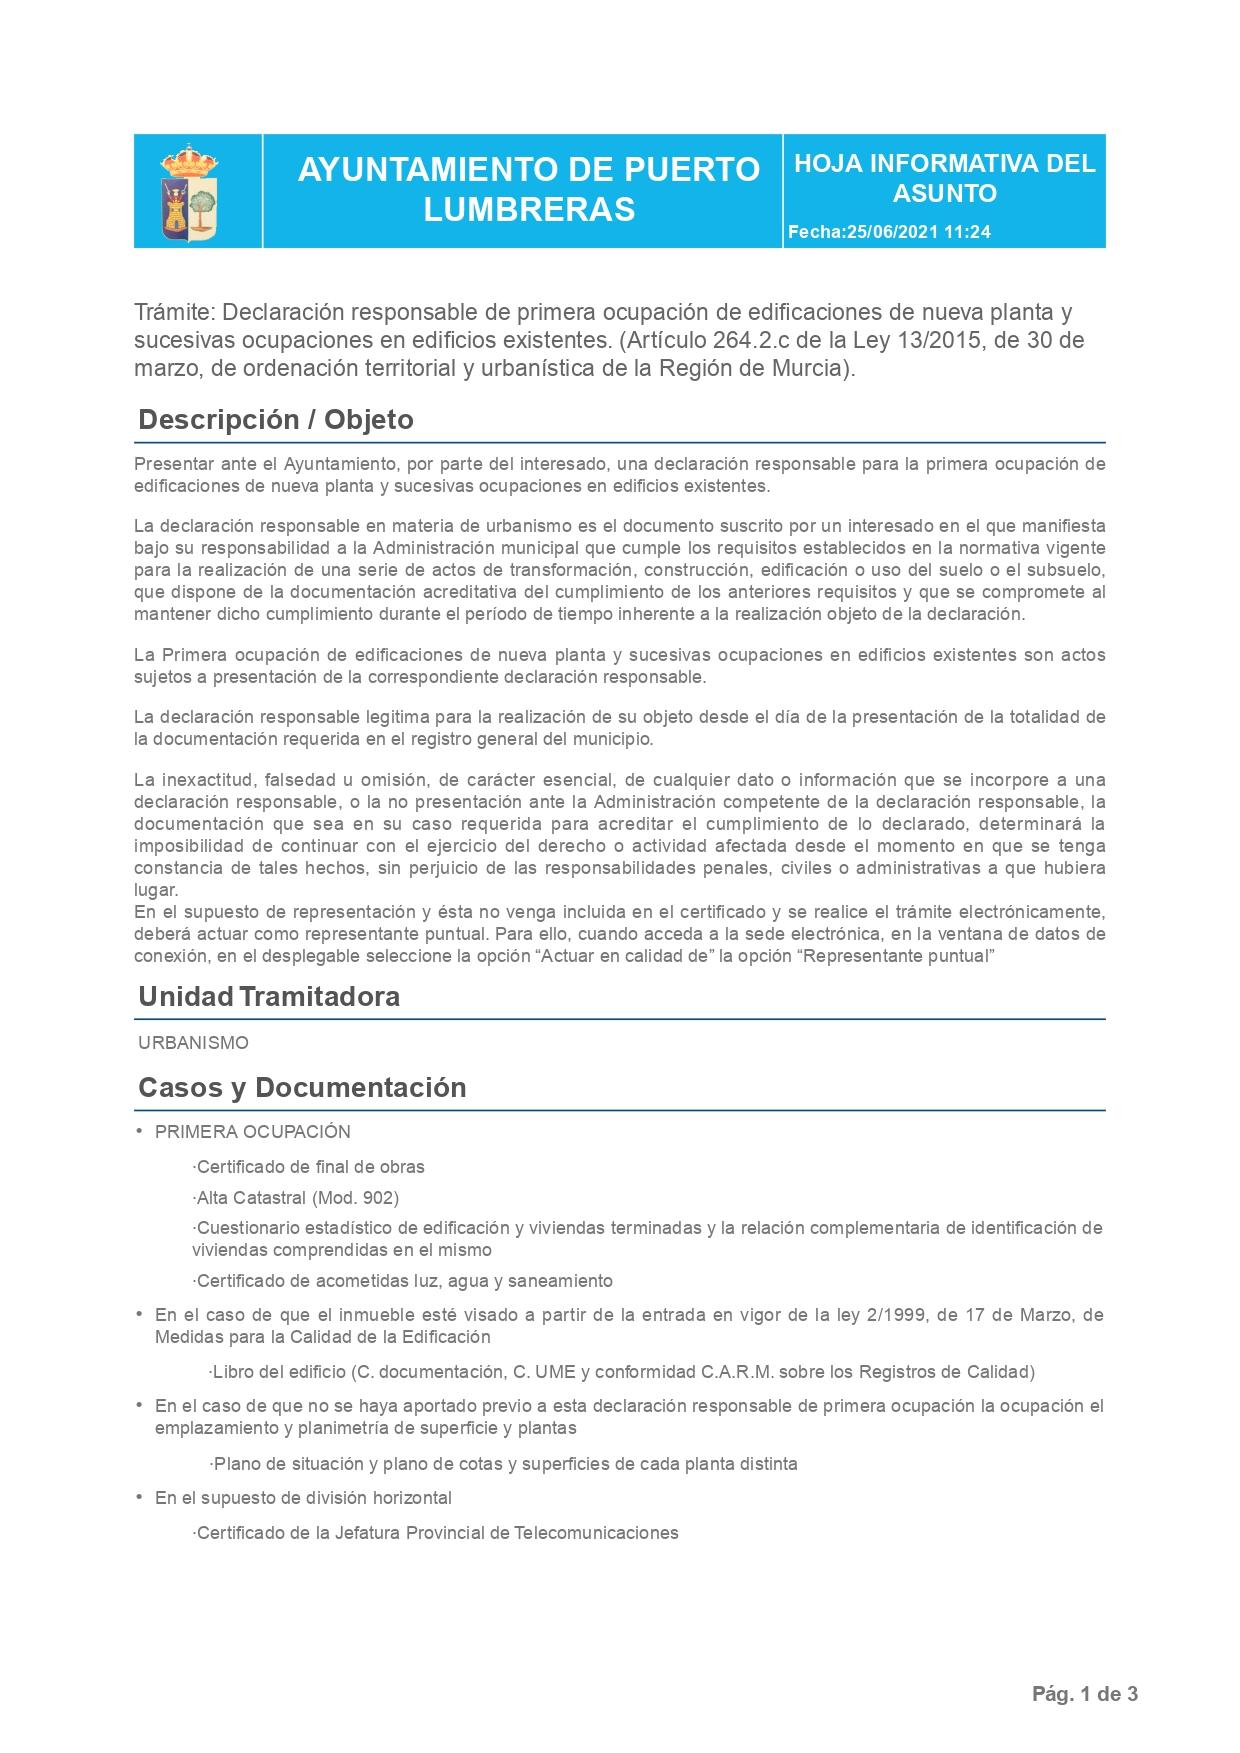 Declaración Responsable de Segunda Ocupación Puerto Lumbreras - Cédula de Habitabilidad Puerto Lumbreras